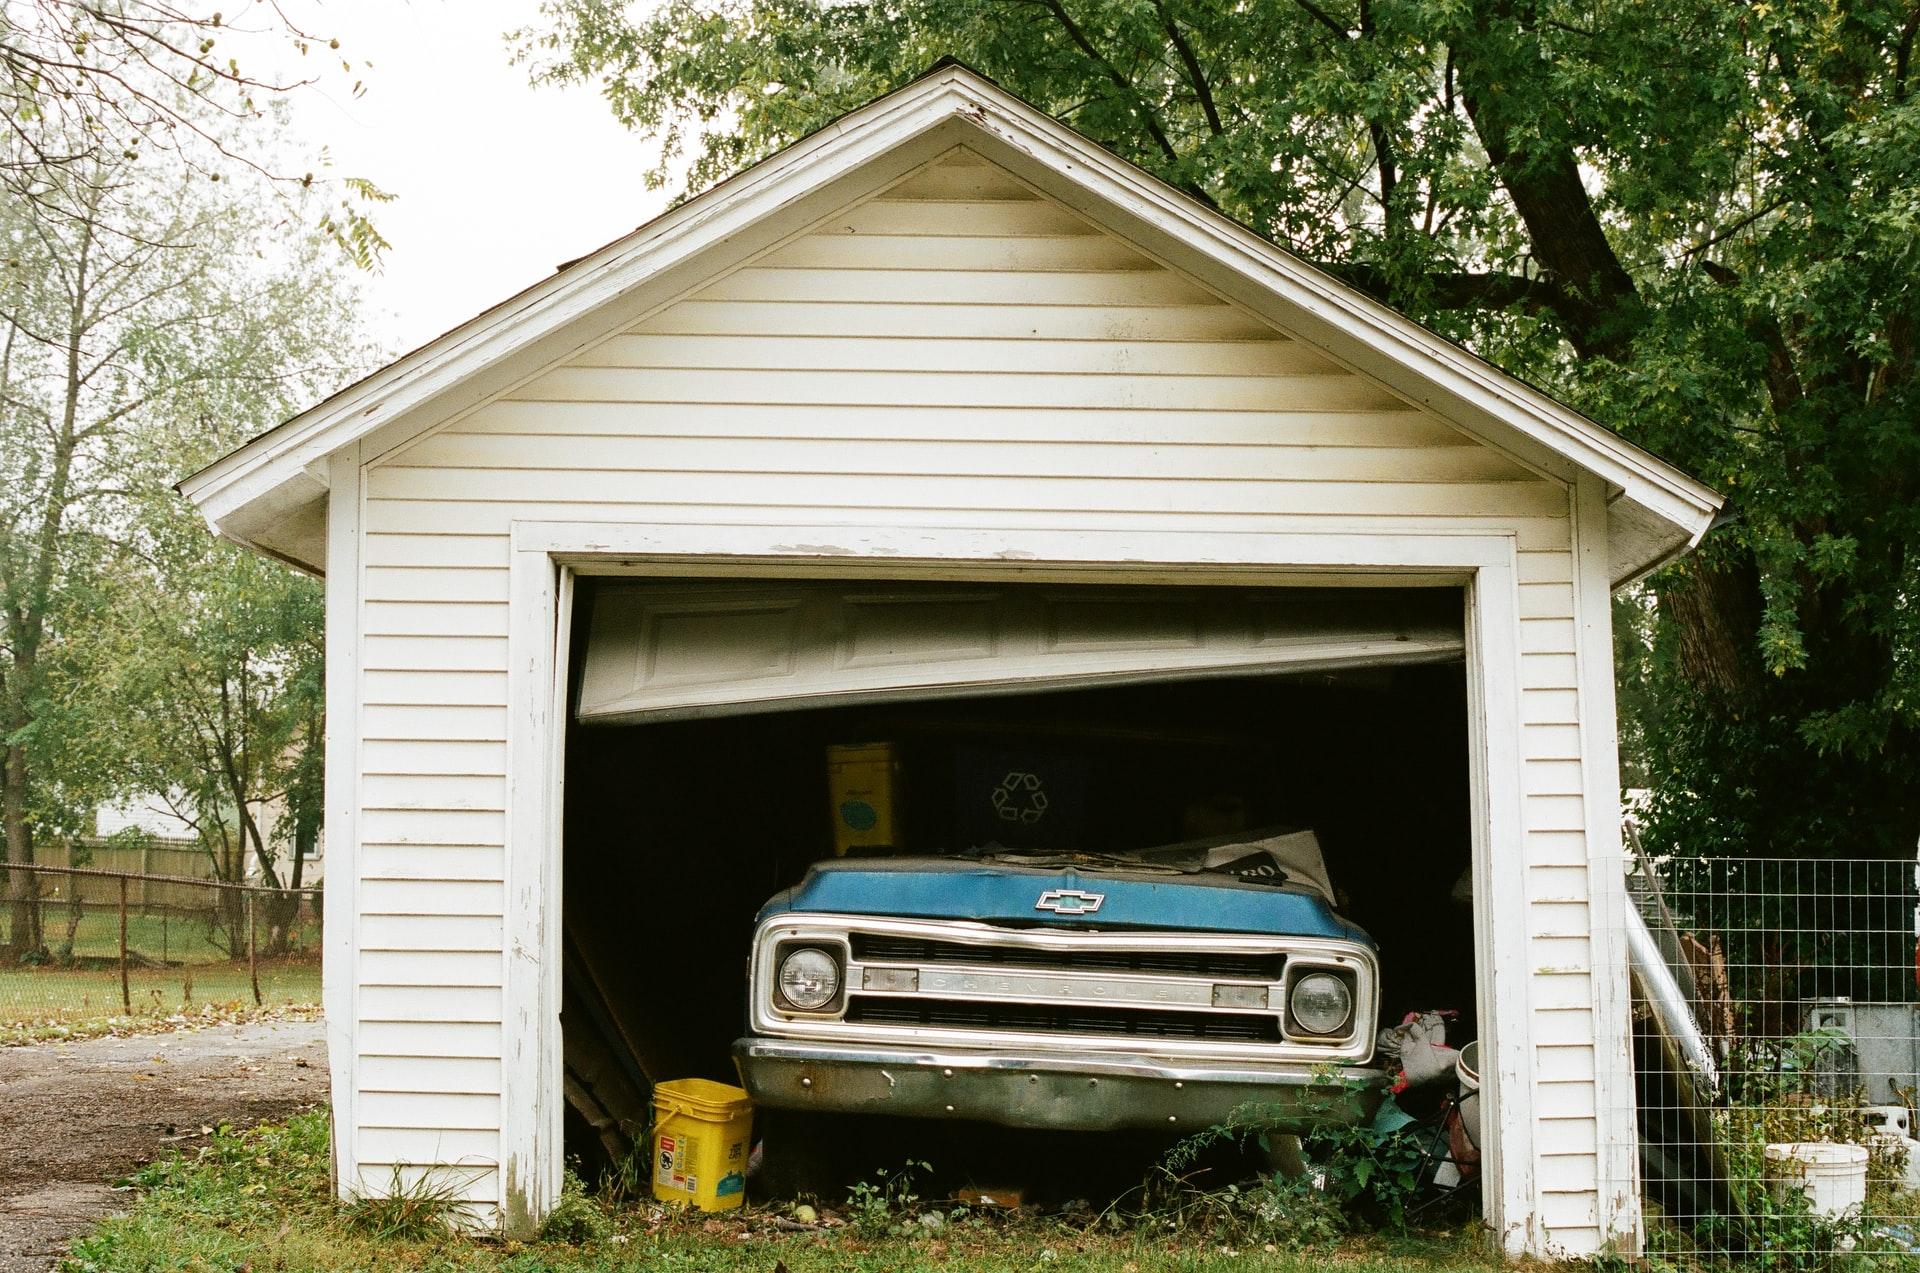 A car parked in a garage